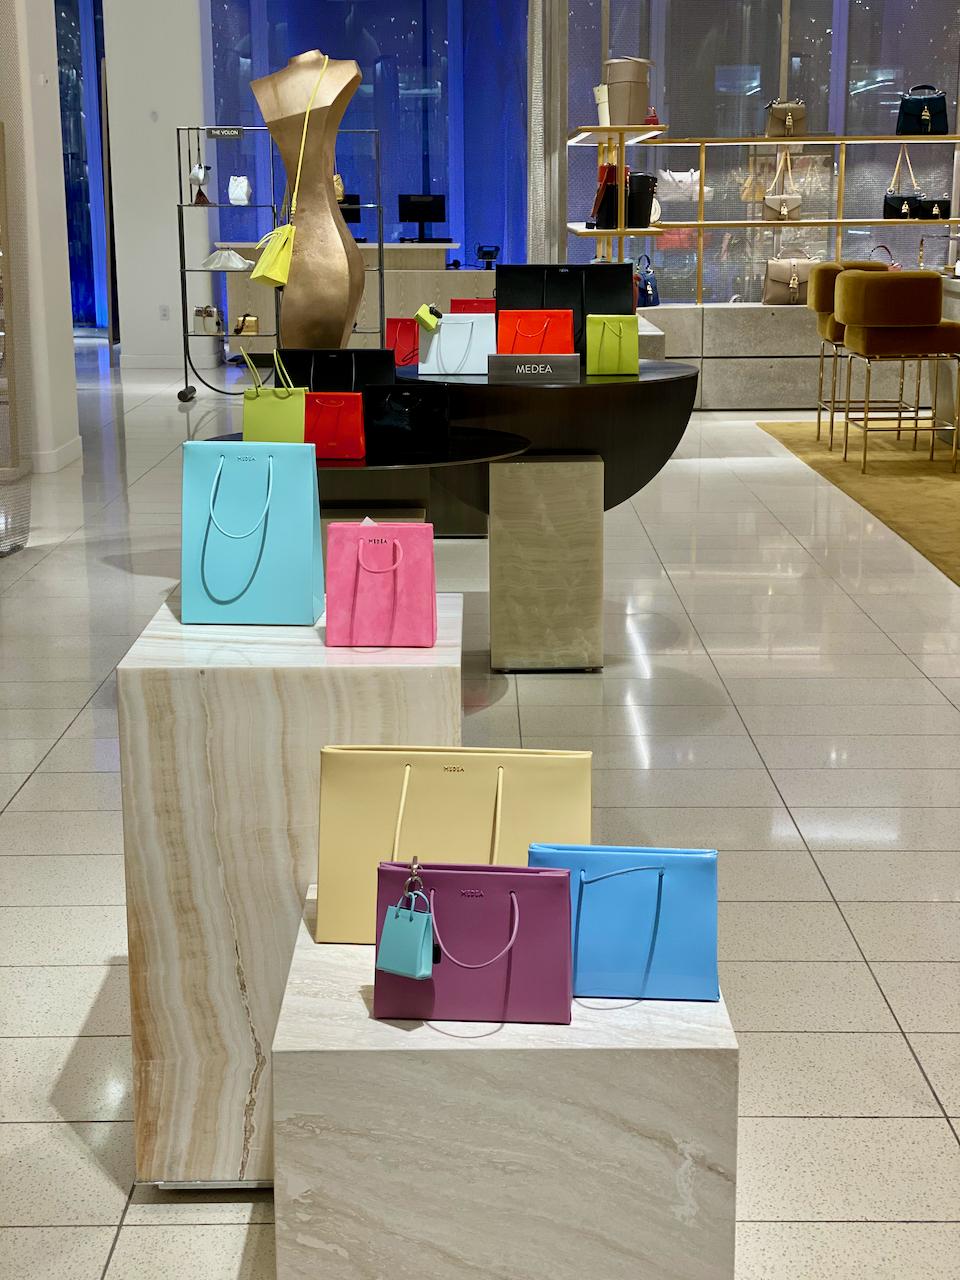 Medea handbags at Nordstrom display